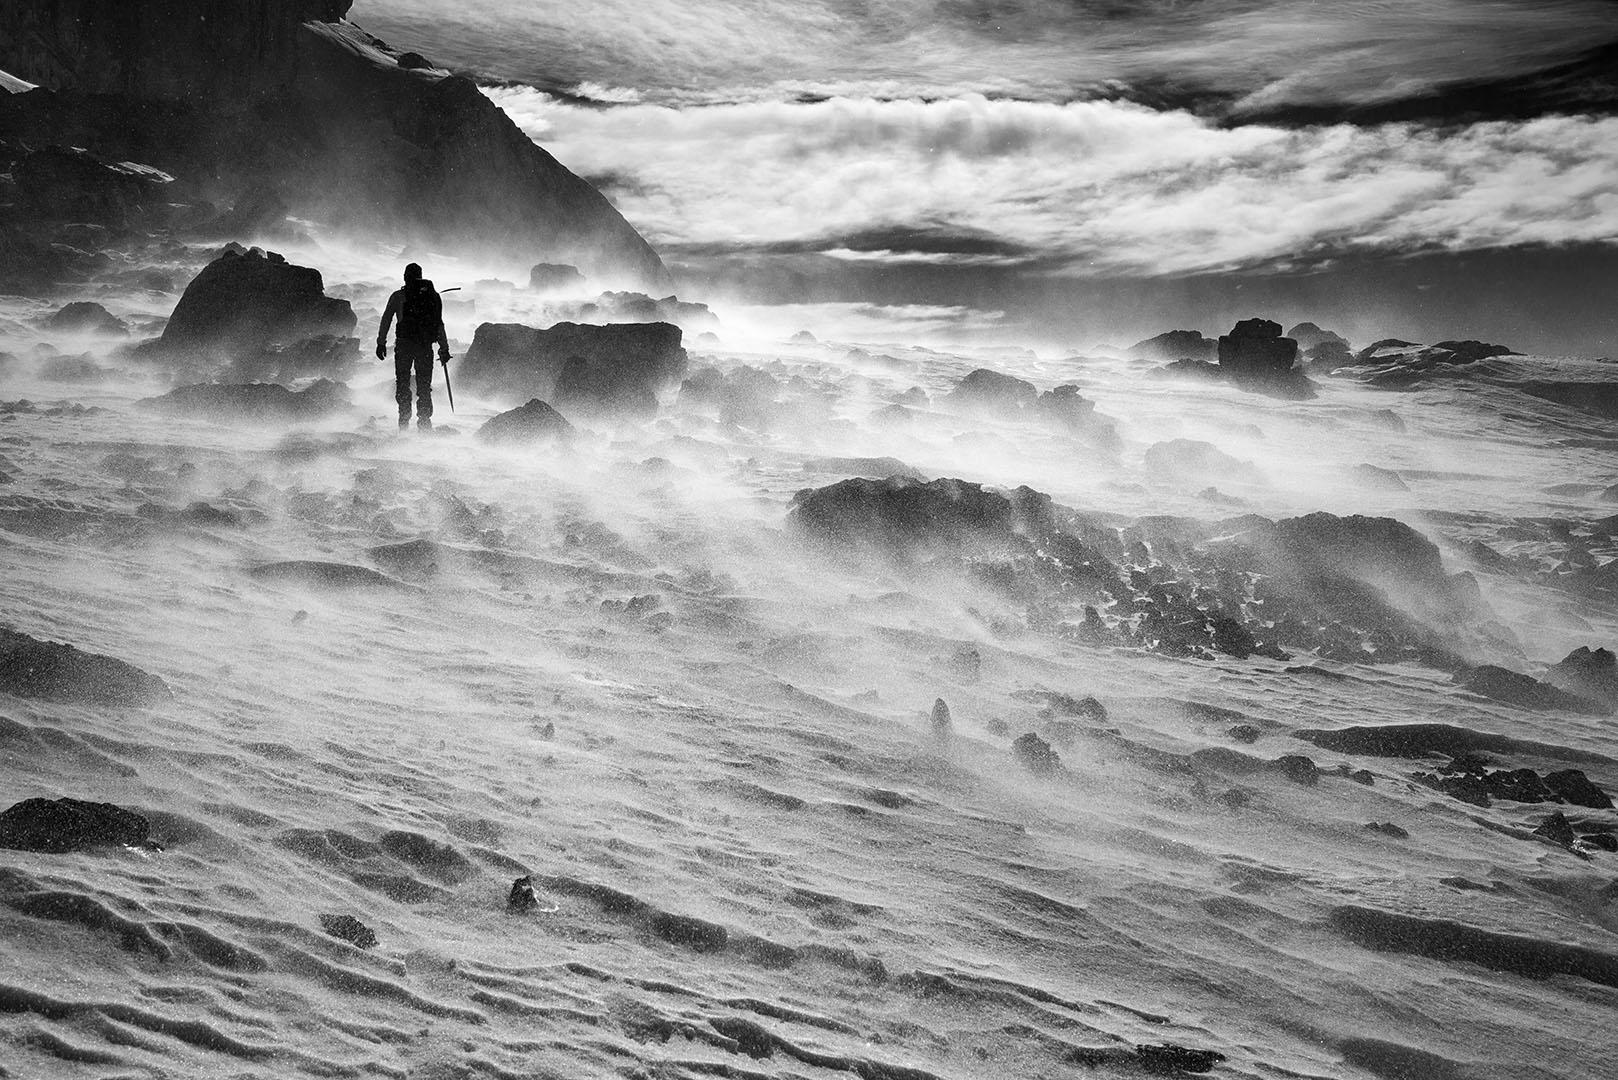 Pétalos de cristal, Pirineos. - Deportes y aventuras - Inaki Larrea, Nature and mountains Photography